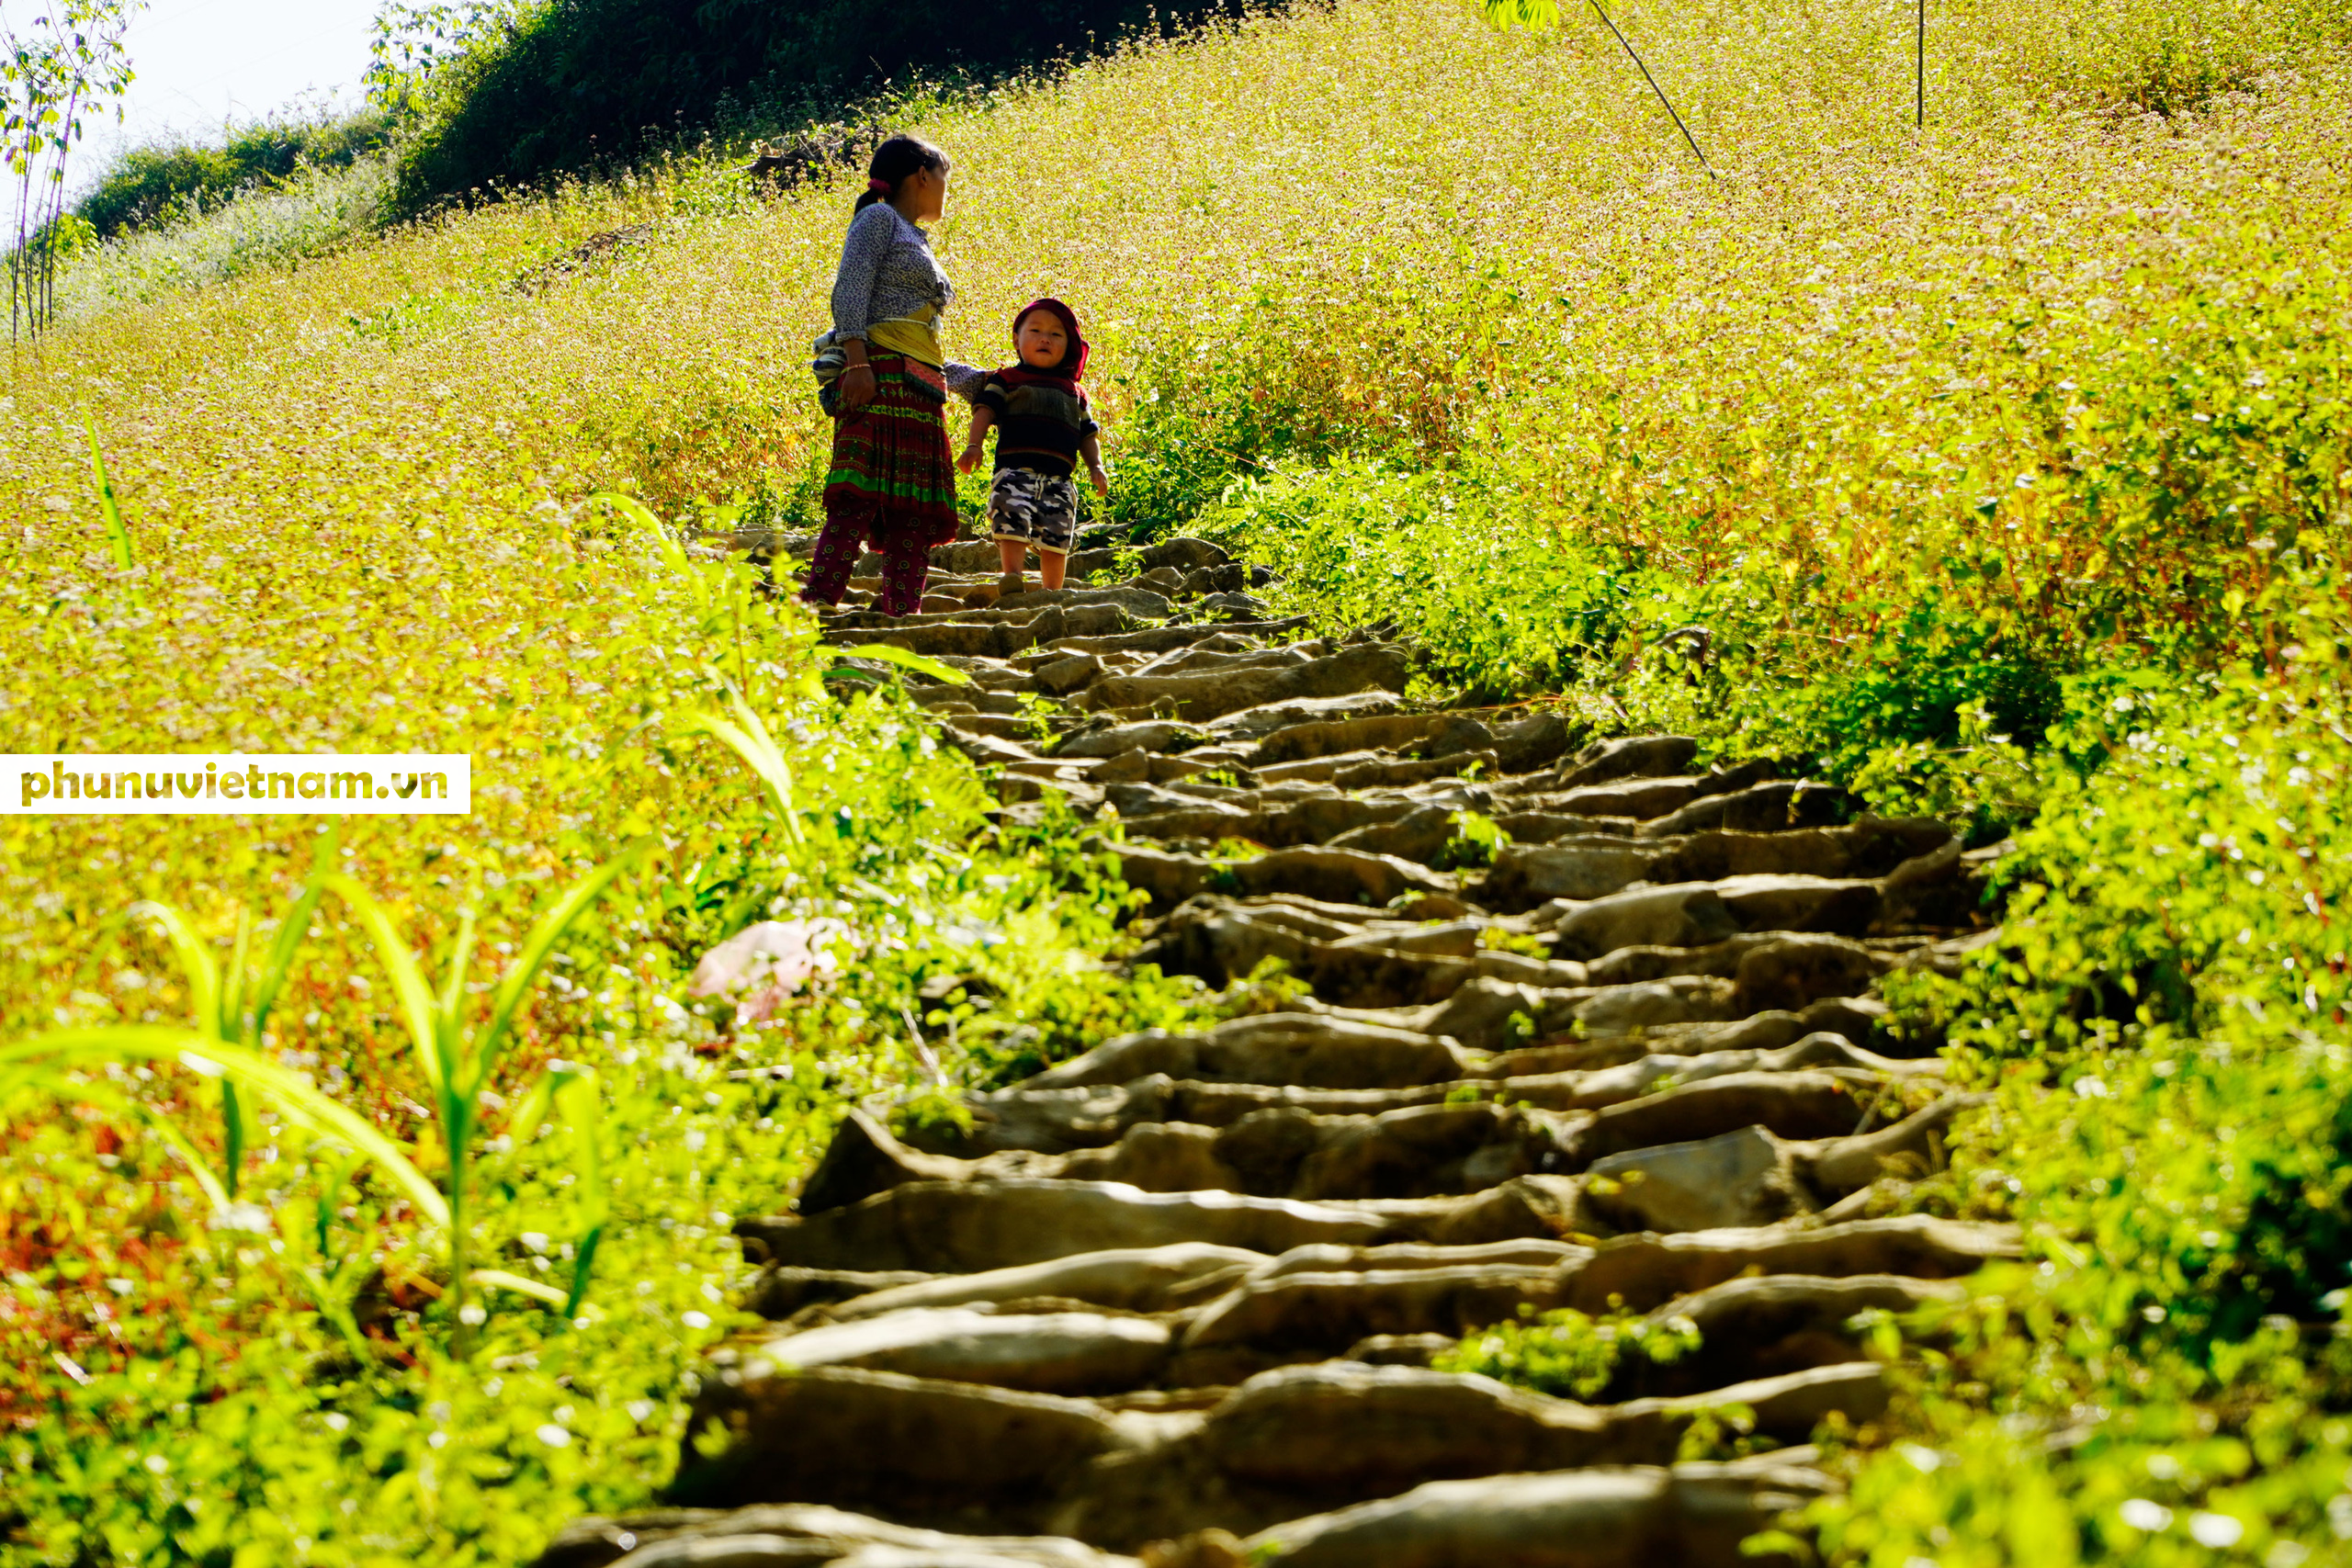 Mùa hoa tam giác mạch đong đầy nỗi nhớ trên Cao nguyên đá Hà Giang - Ảnh 2.